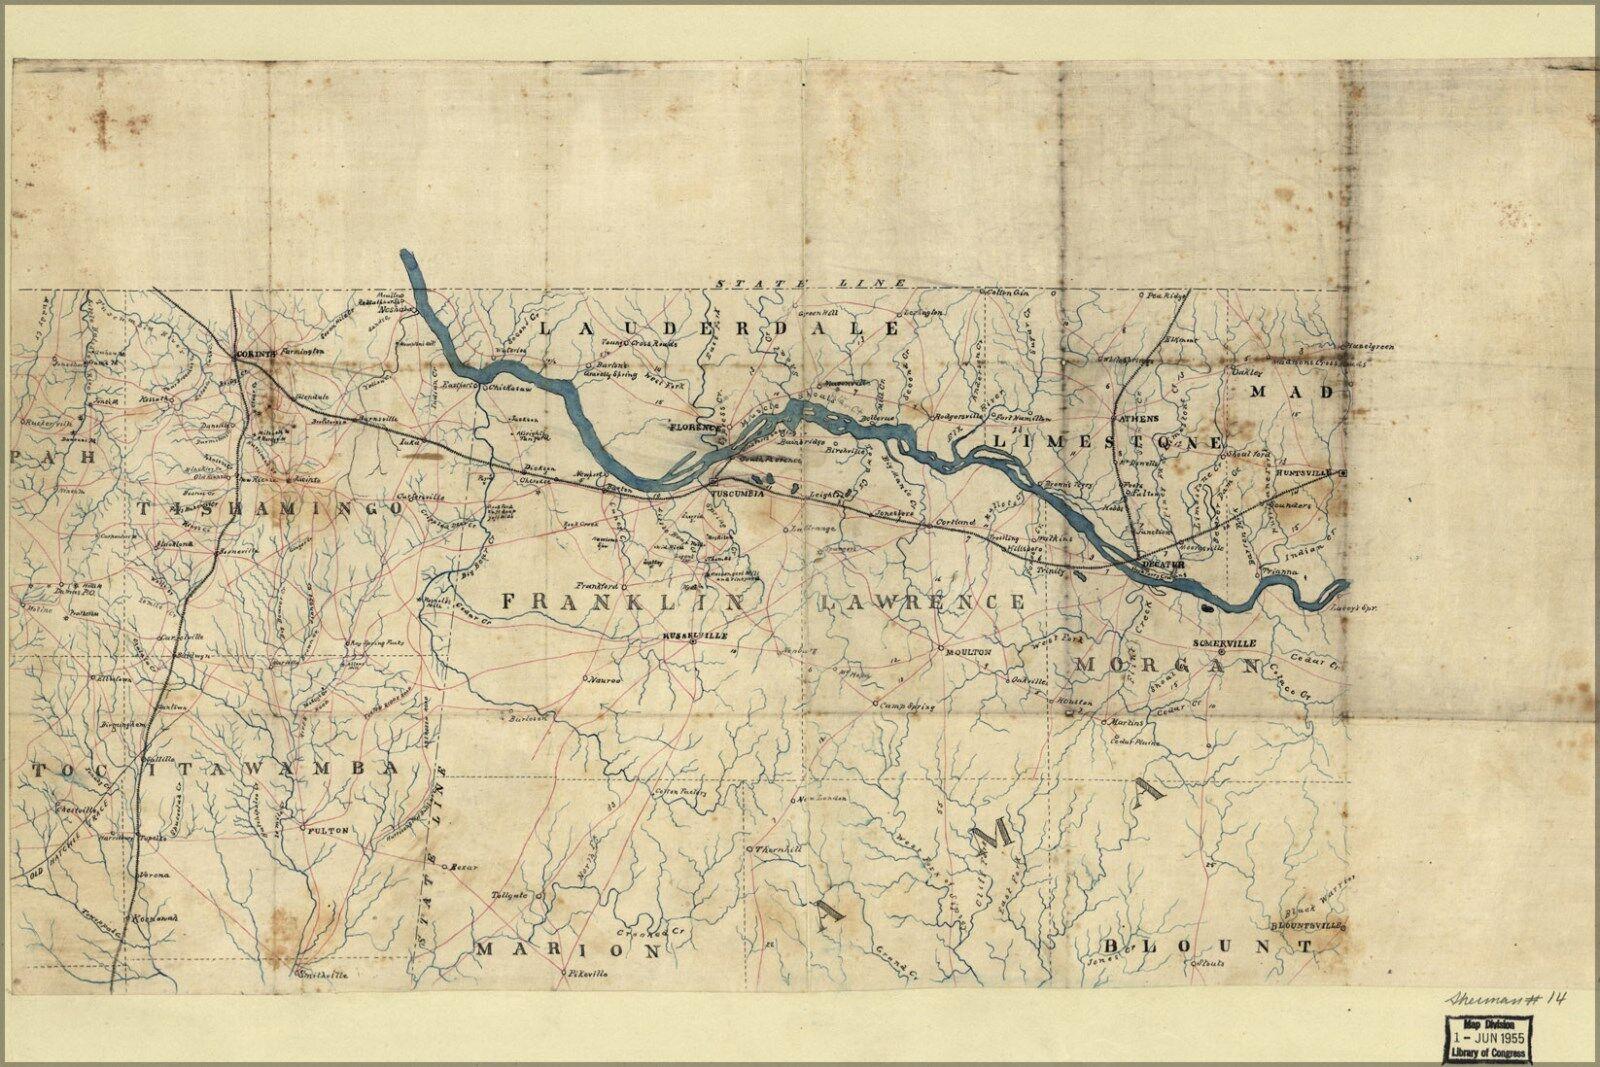 Plakat, Viele Größen; KKunste von Northwest Alabama und ne Mississippi 1863